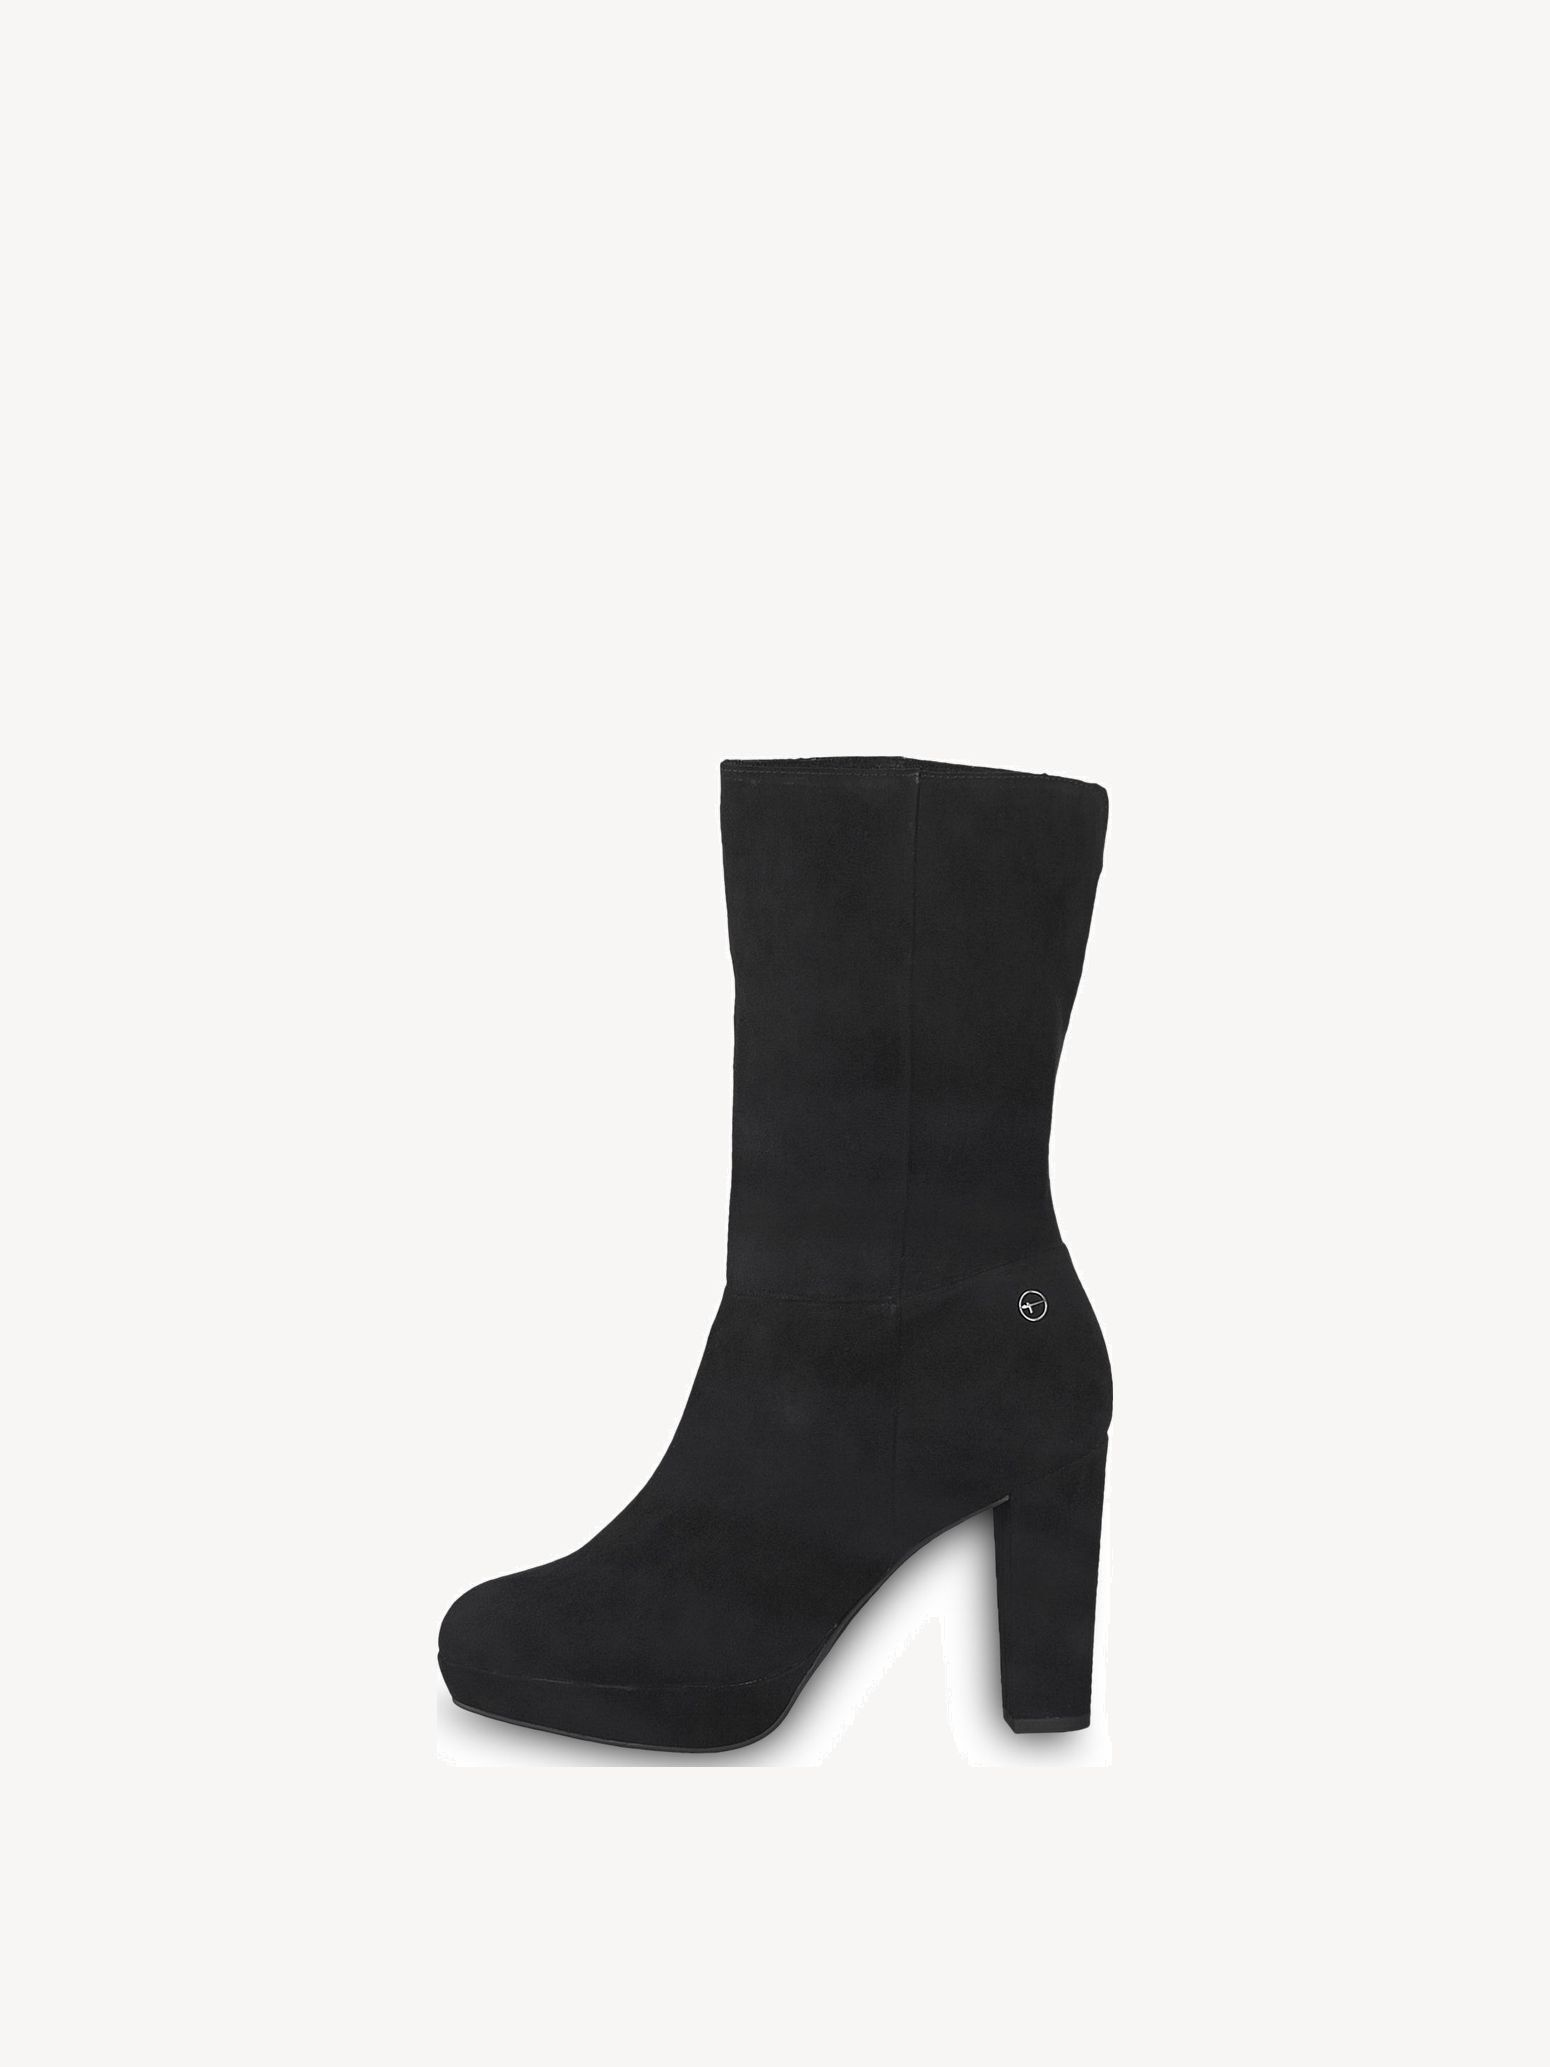 Elegante Stiefeletten von Tamaris in schwarz. Das